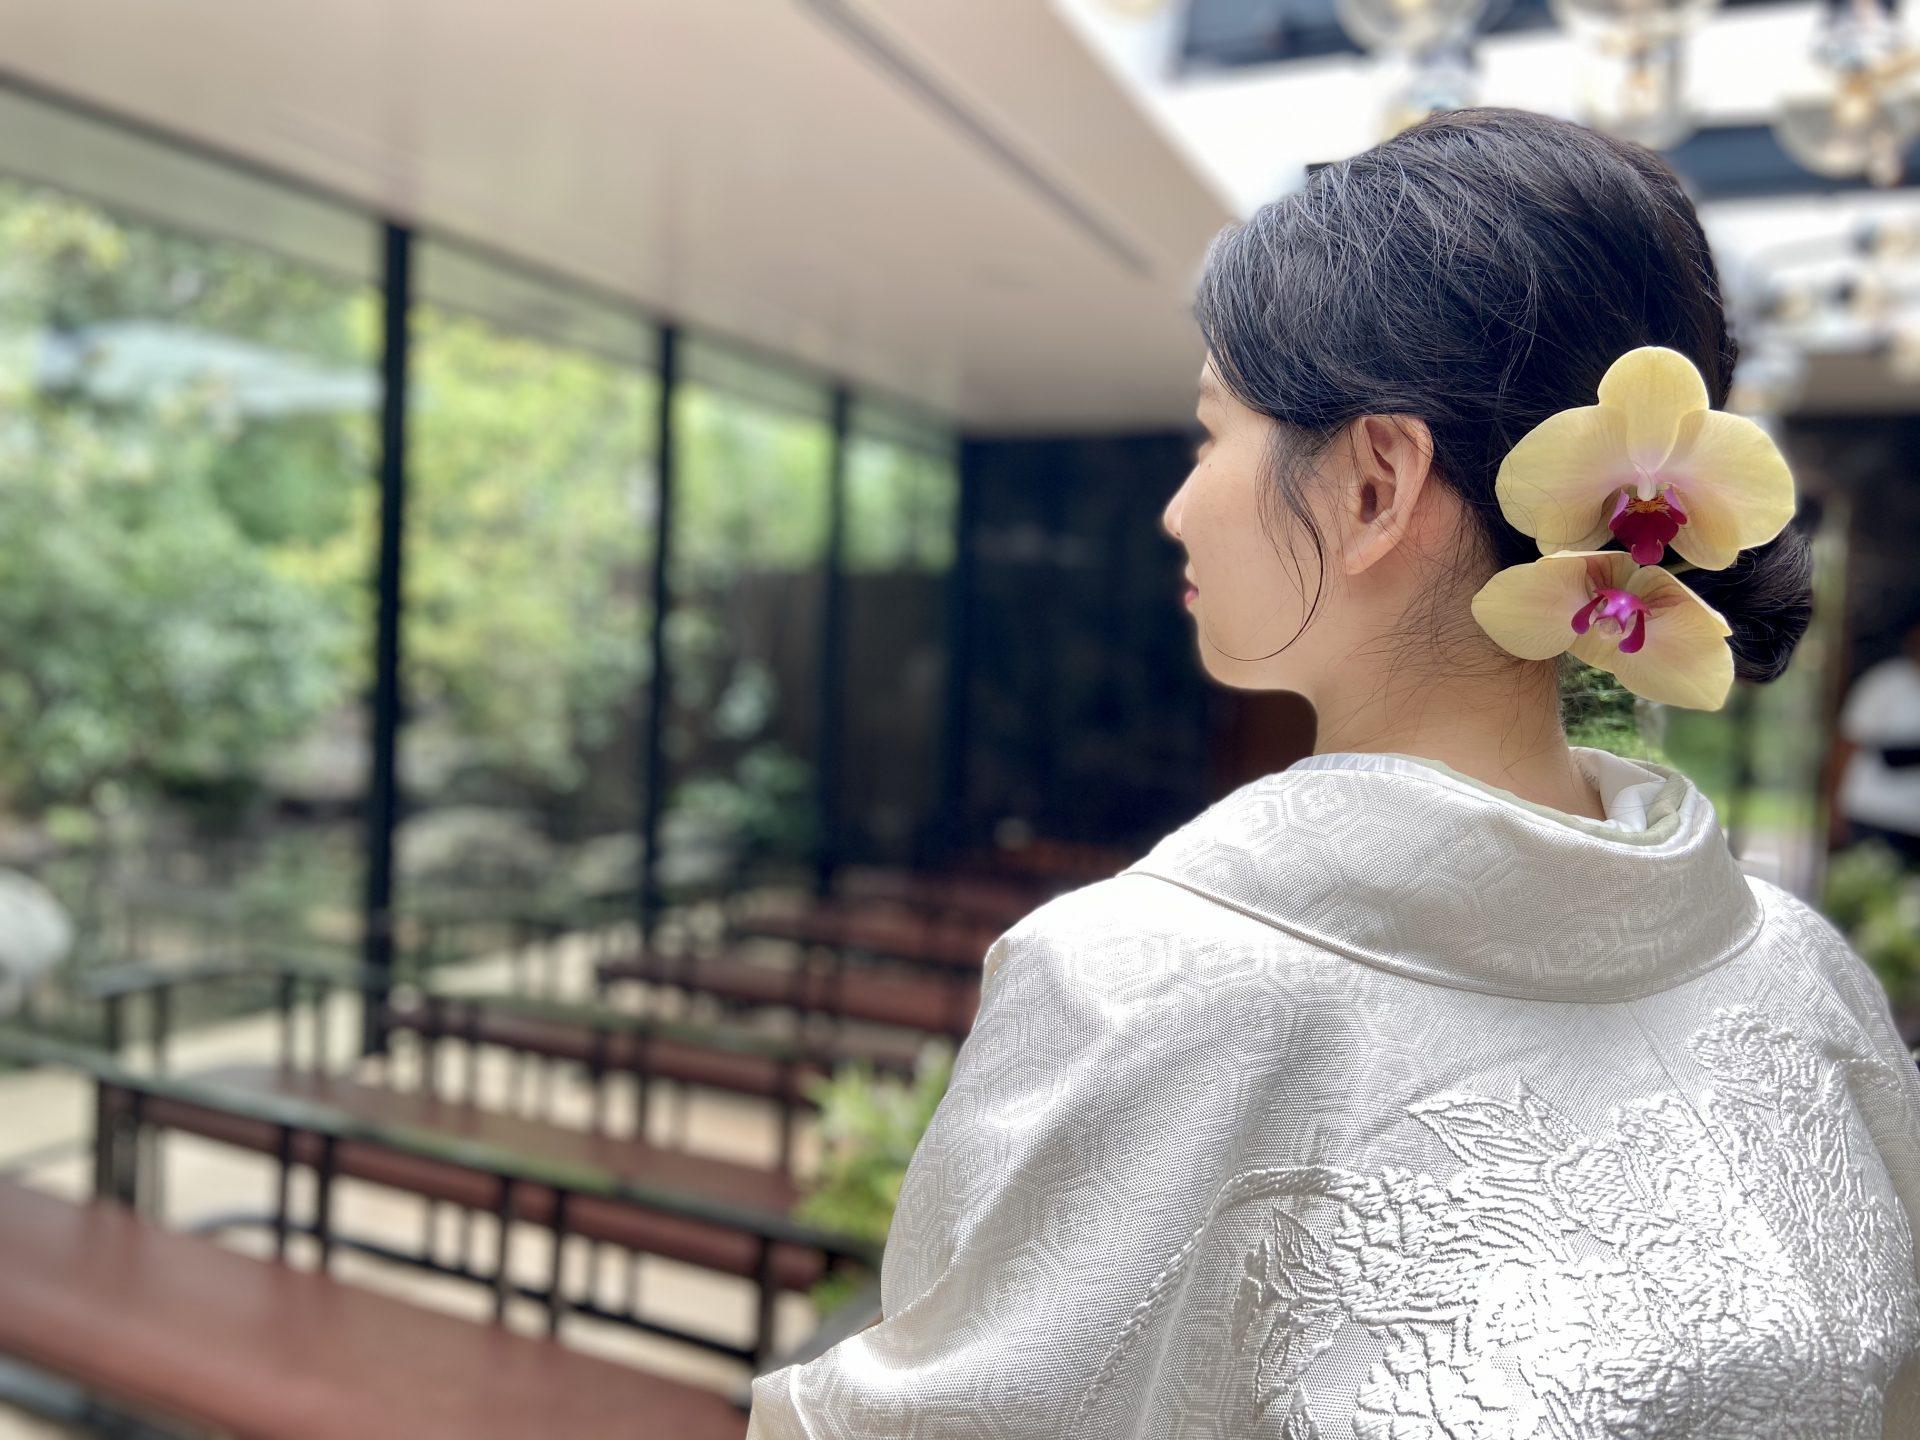 ザ・トリートドレッシングの白無垢に胡蝶蘭を合わせ、凛としたウェディングスタイルを演出